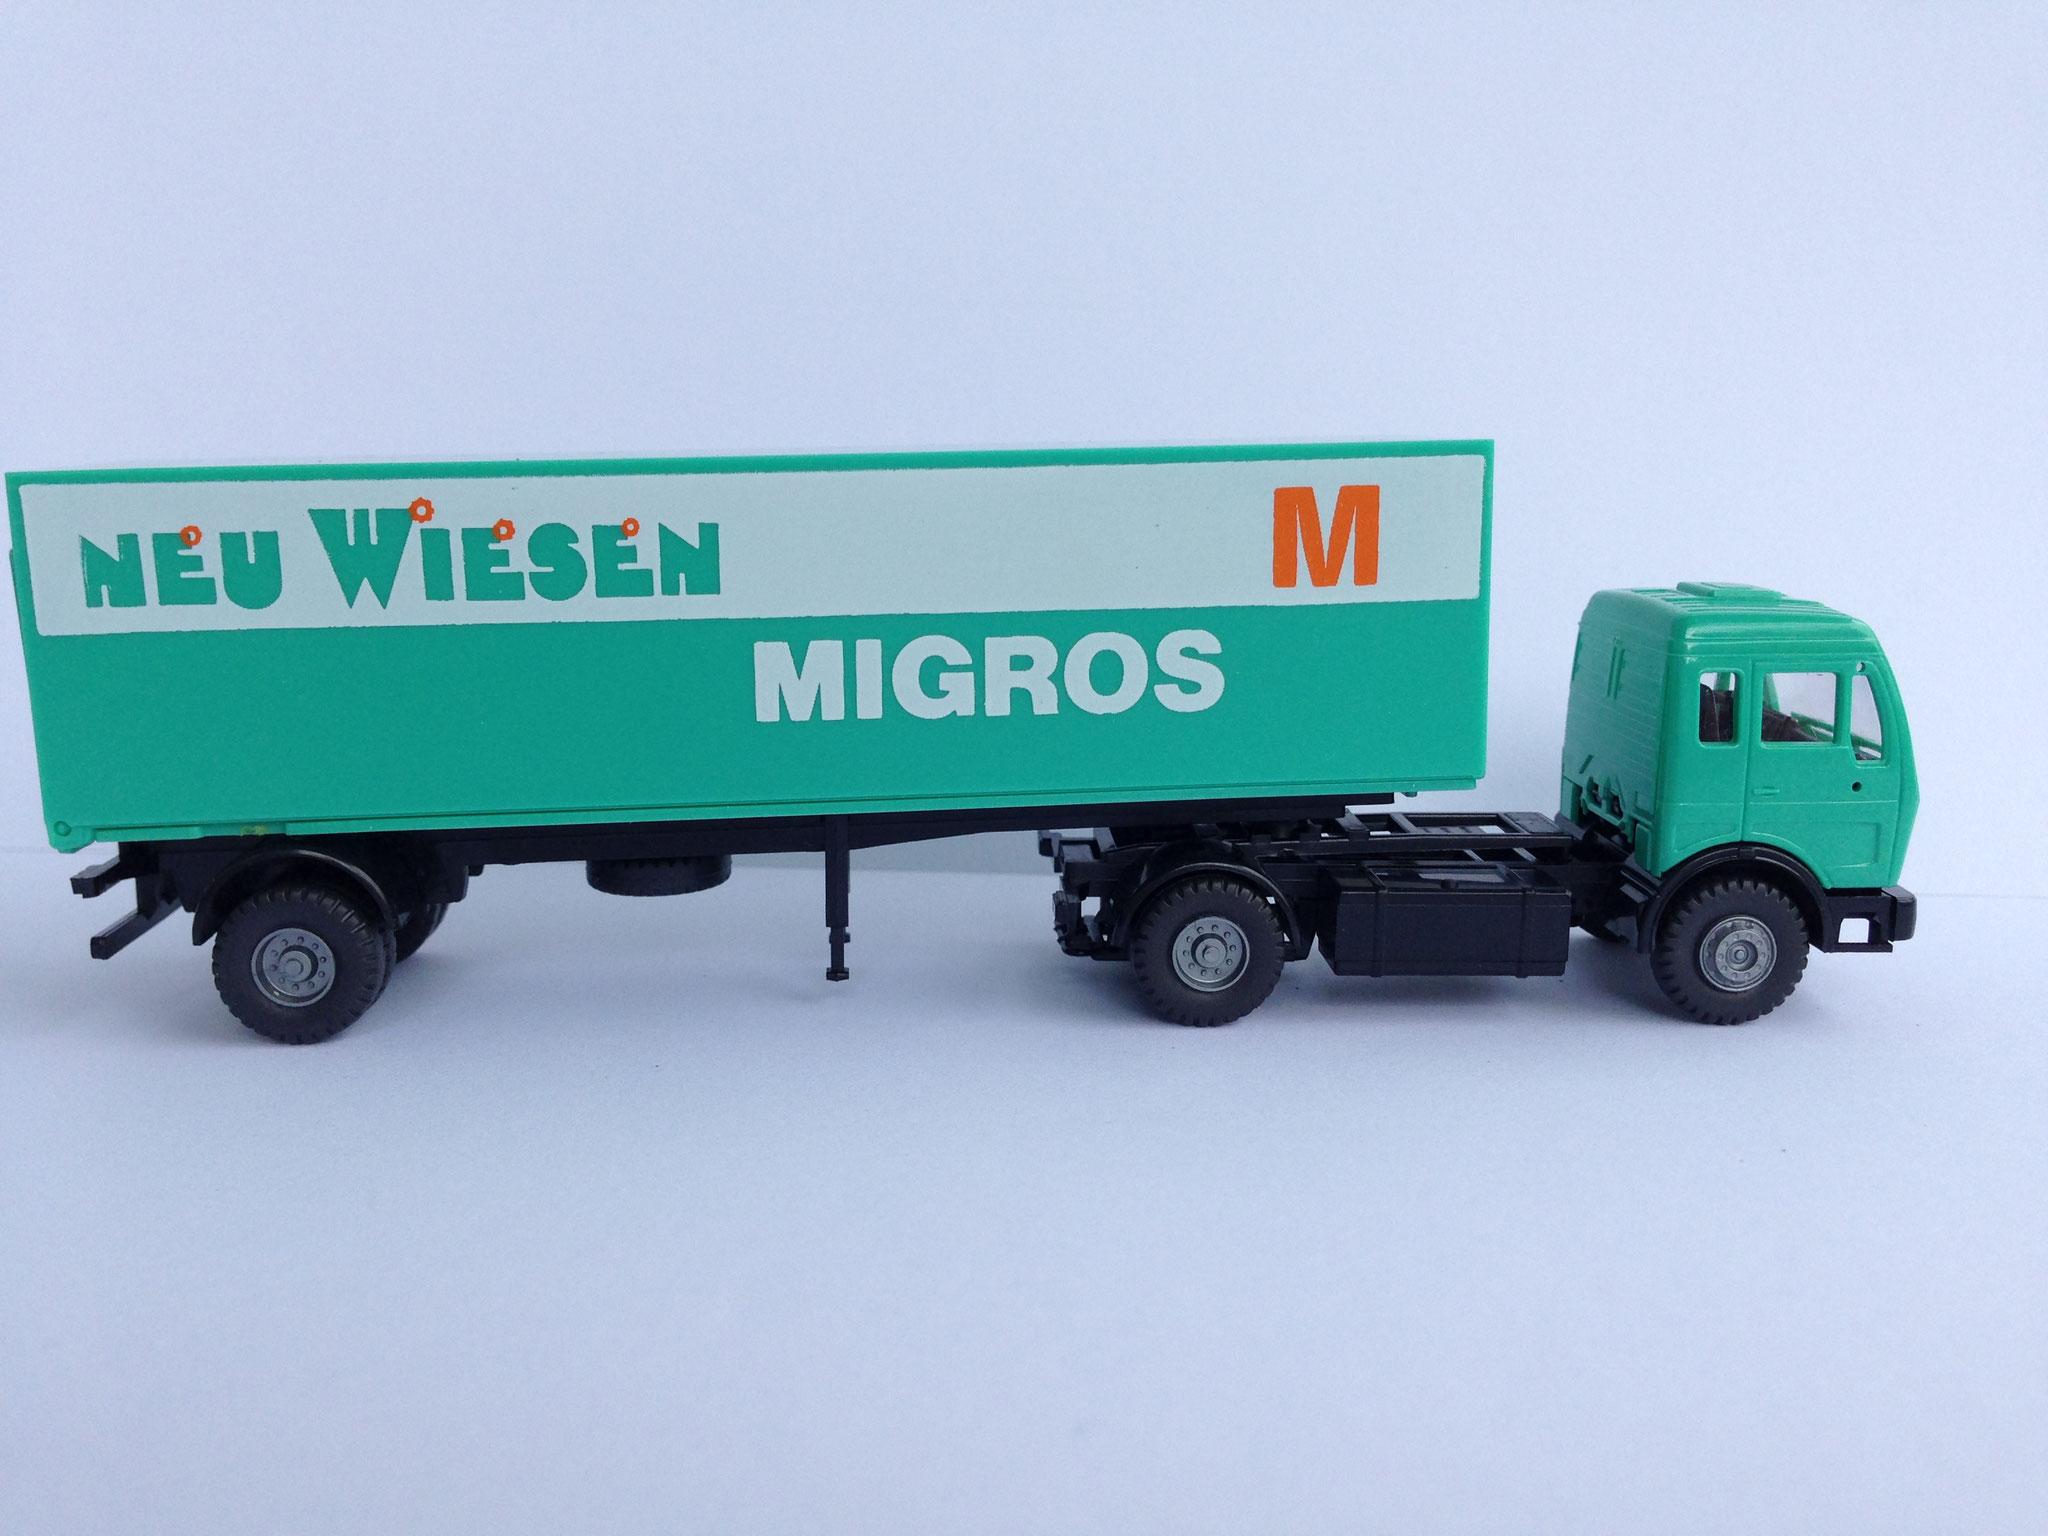 Migros, Sattelzug mit 1-Achs-Auflieger, Kasten, Art. Nr. 858 (Neuauflage ab 1992 im Programm)